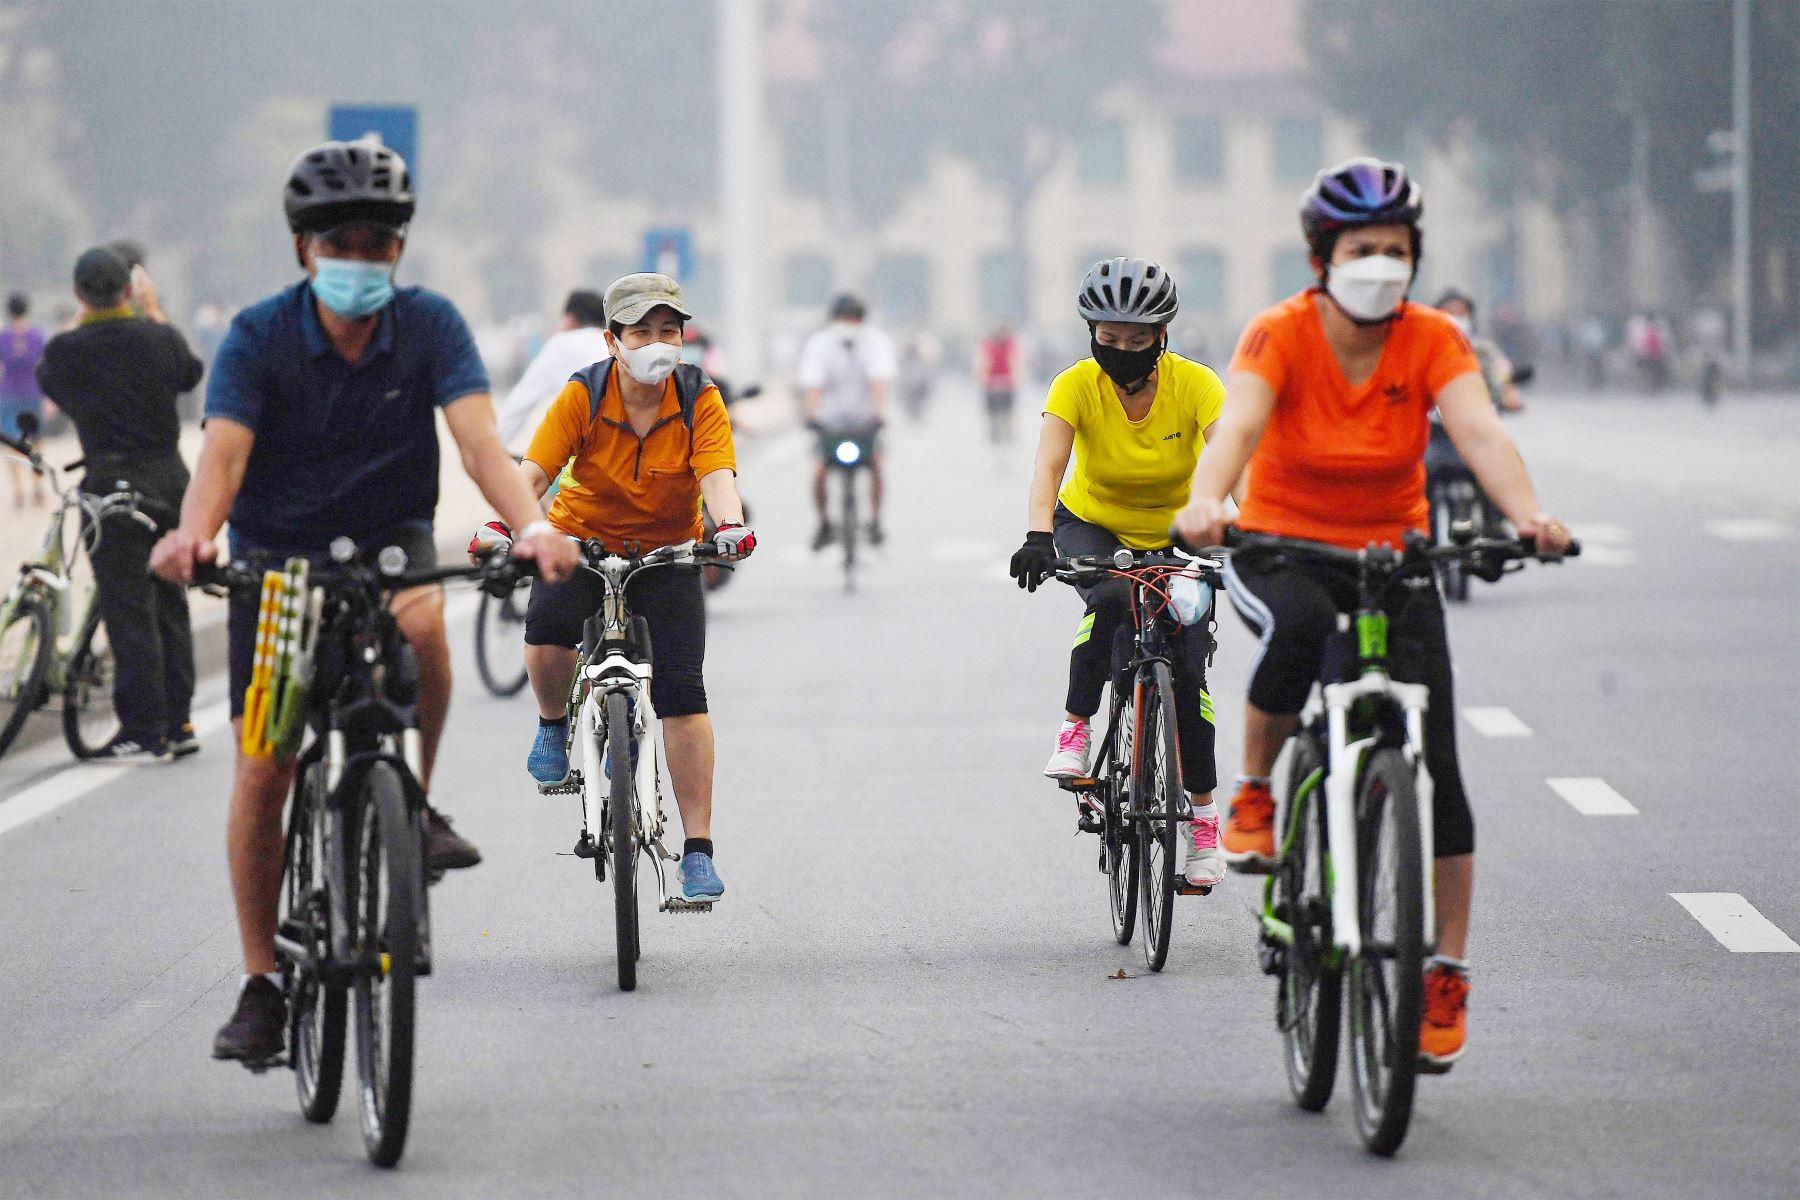 Las personas andan en bicicleta a lo largo de una calle en Hanoi , luego de que las autoridades de la ciudad permitieran las actividades deportivas al aire libre luego de la flexibilización de las restricciones del coronavirus. Foto: AFP